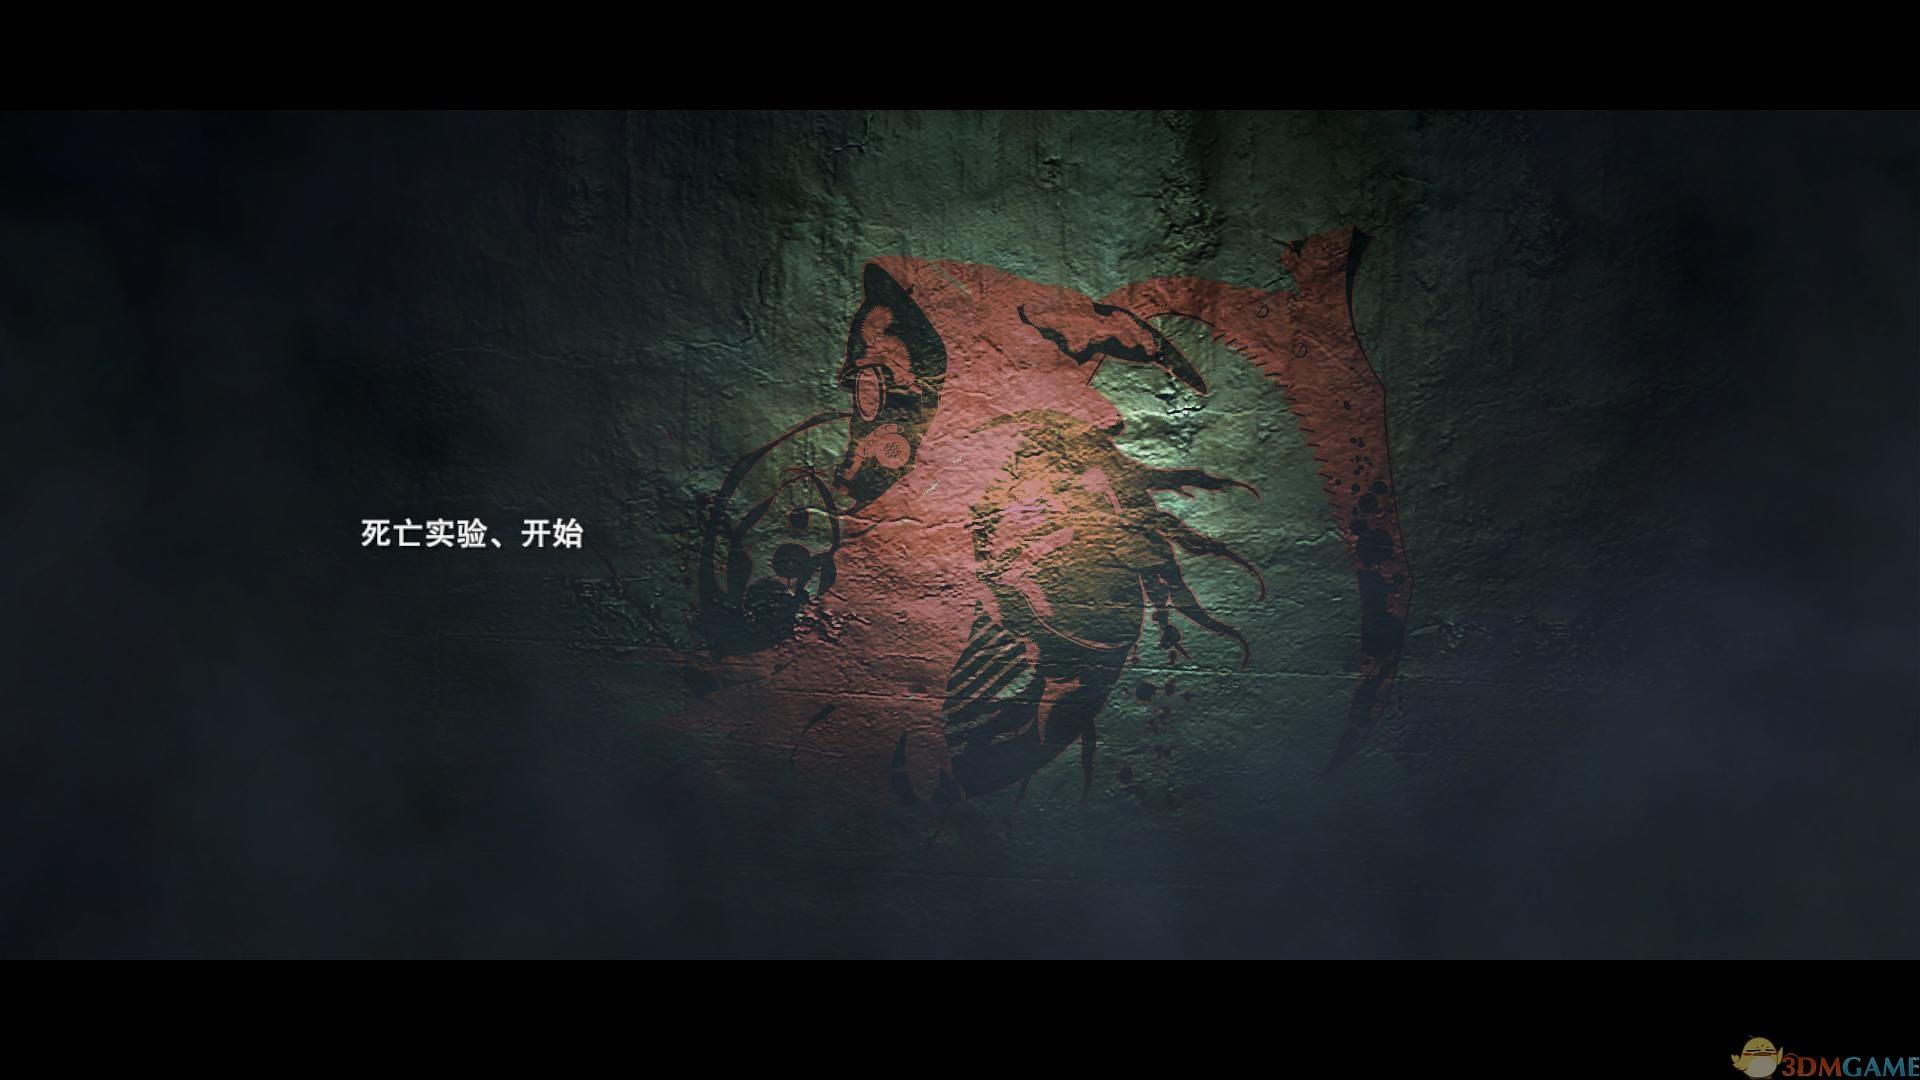 生化危机3游戏操作_生化危机:保护伞小队 官方中文免安装硬盘版下载_生化危机 ...